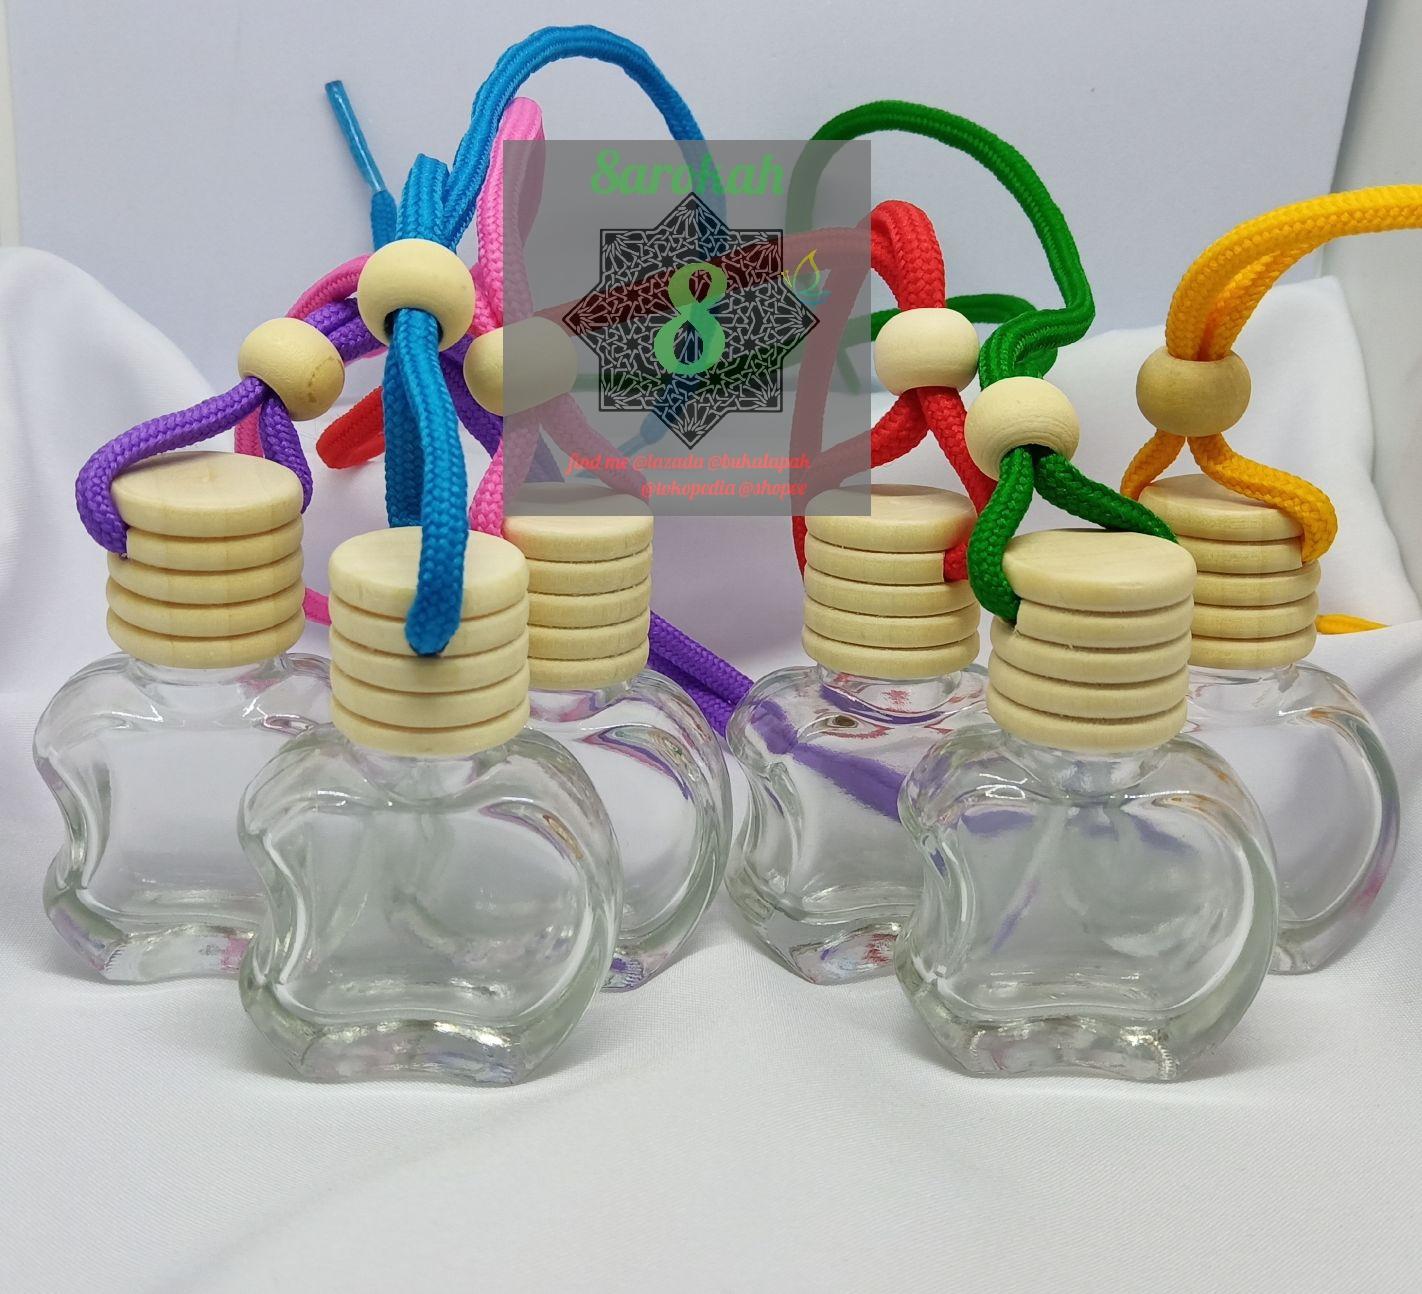 24pcs Botol Parfum Mobil Ruangan Gantung Botol Kosong Kaca